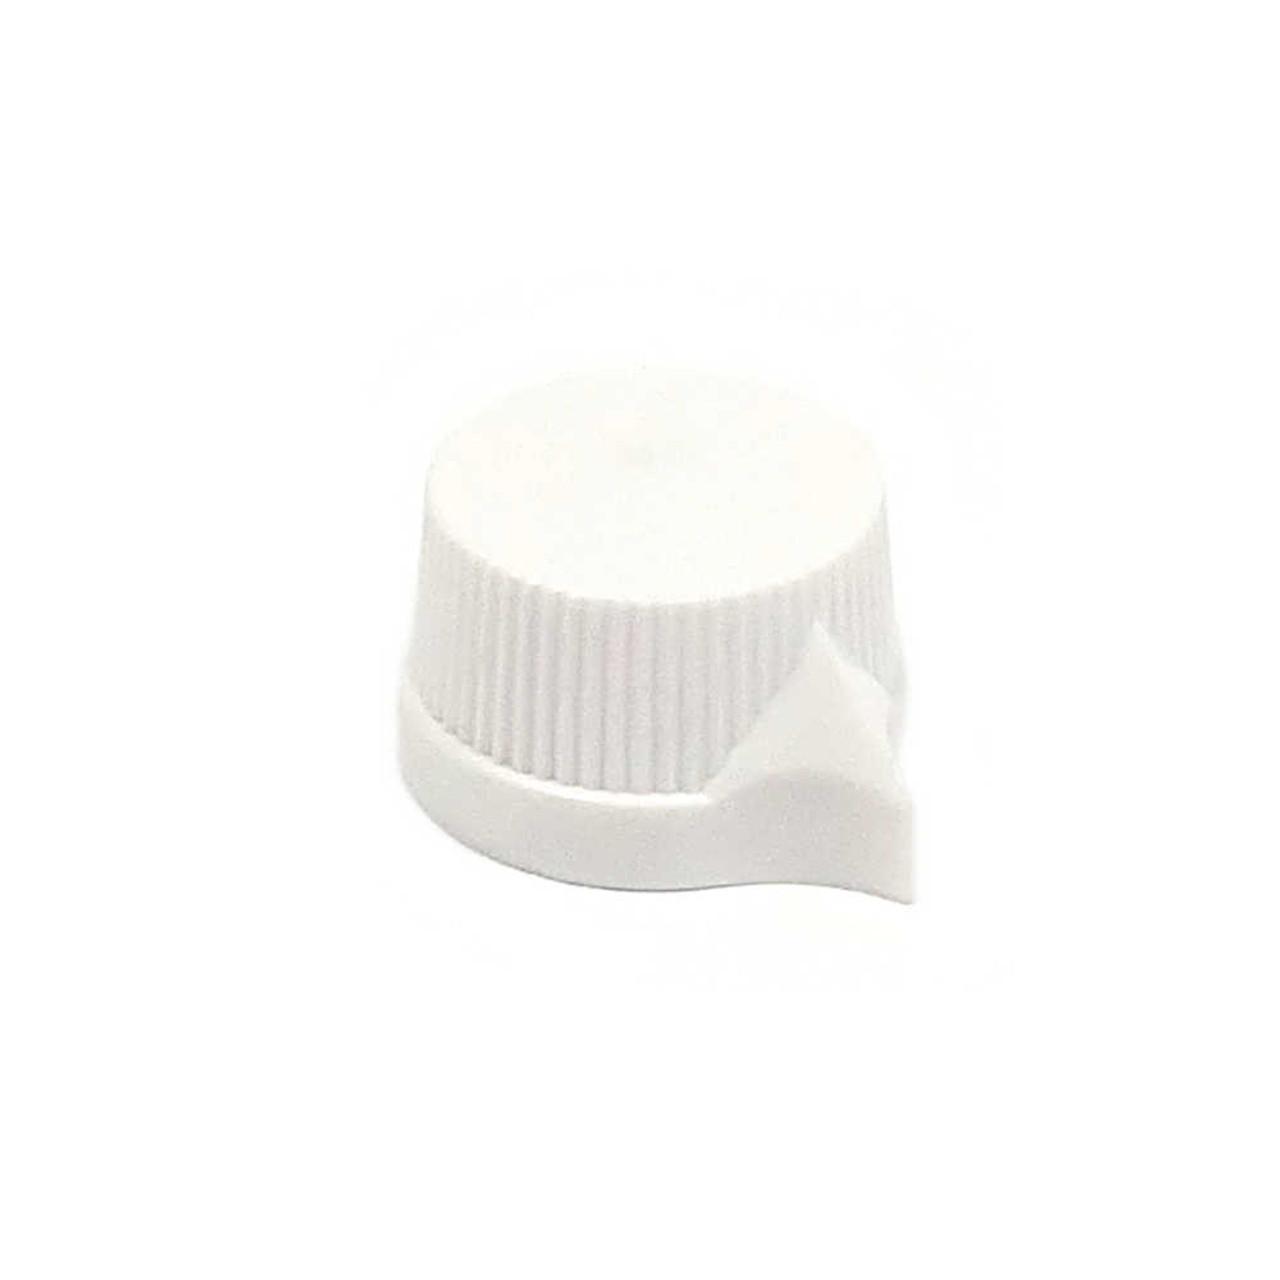 Davies Style 1400 Knob - White